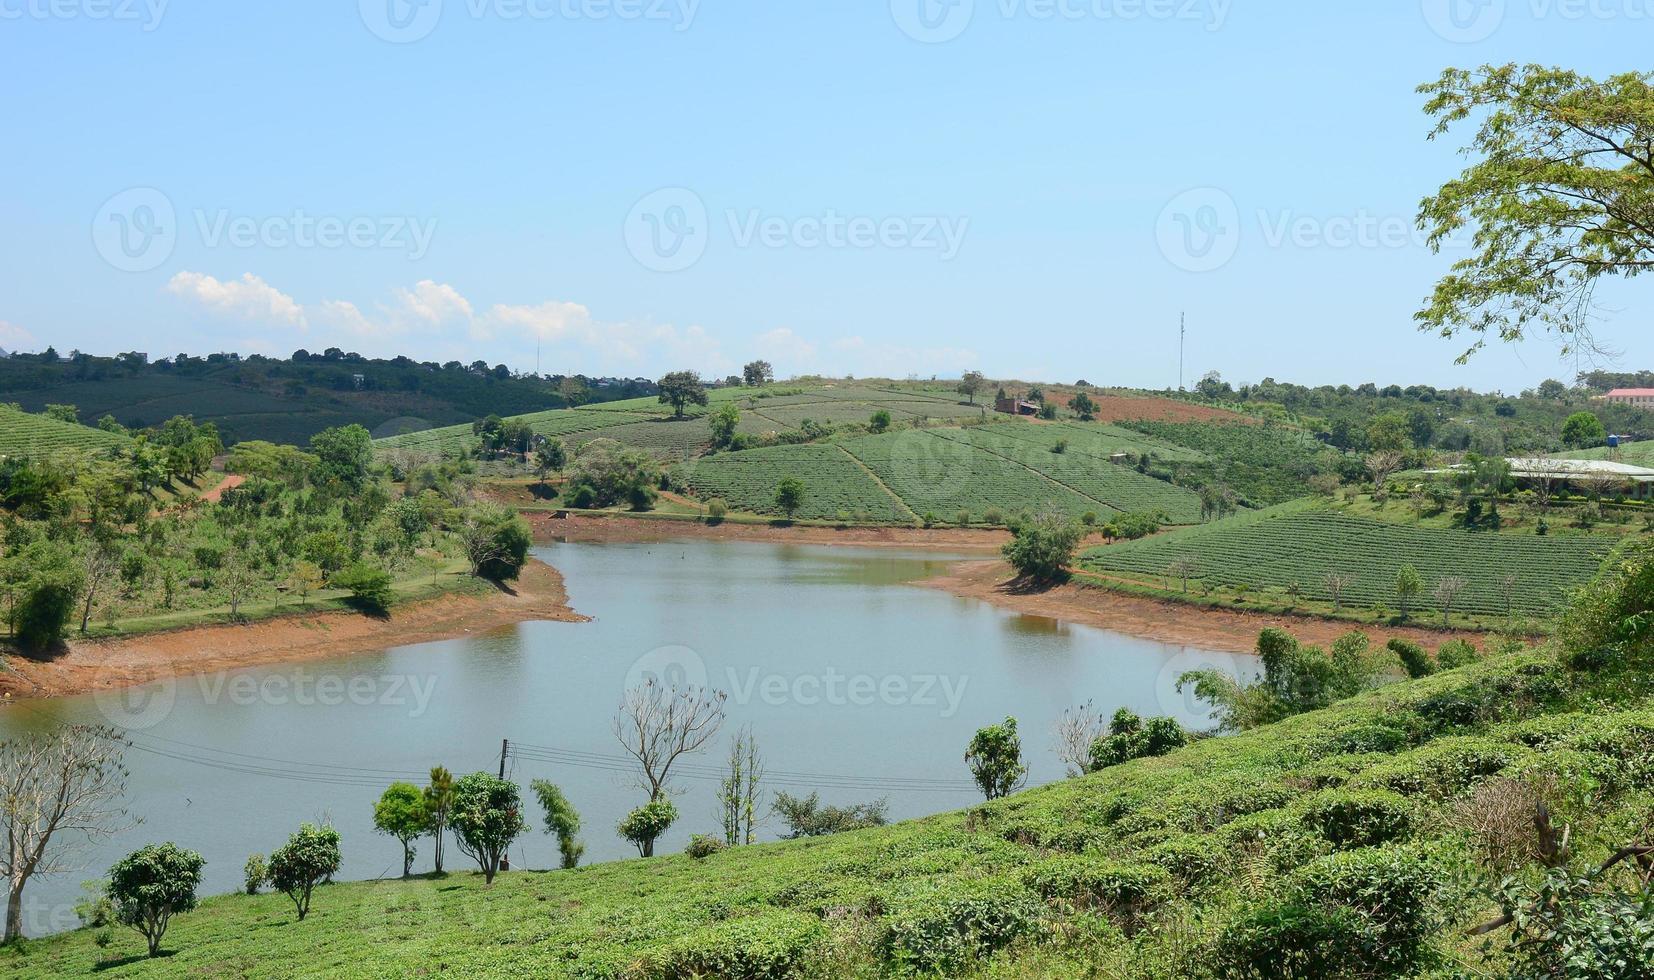 fazenda de chá em bao loc highland foto